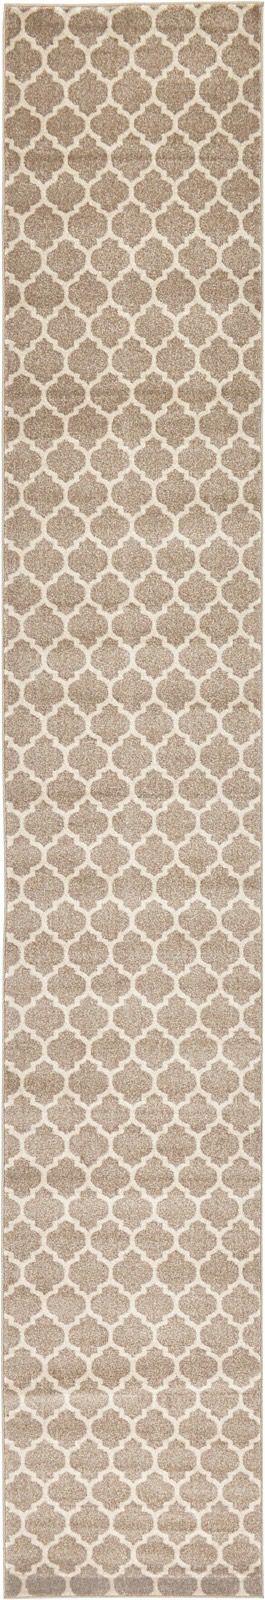 unique loom trellis contemporary area rug collection